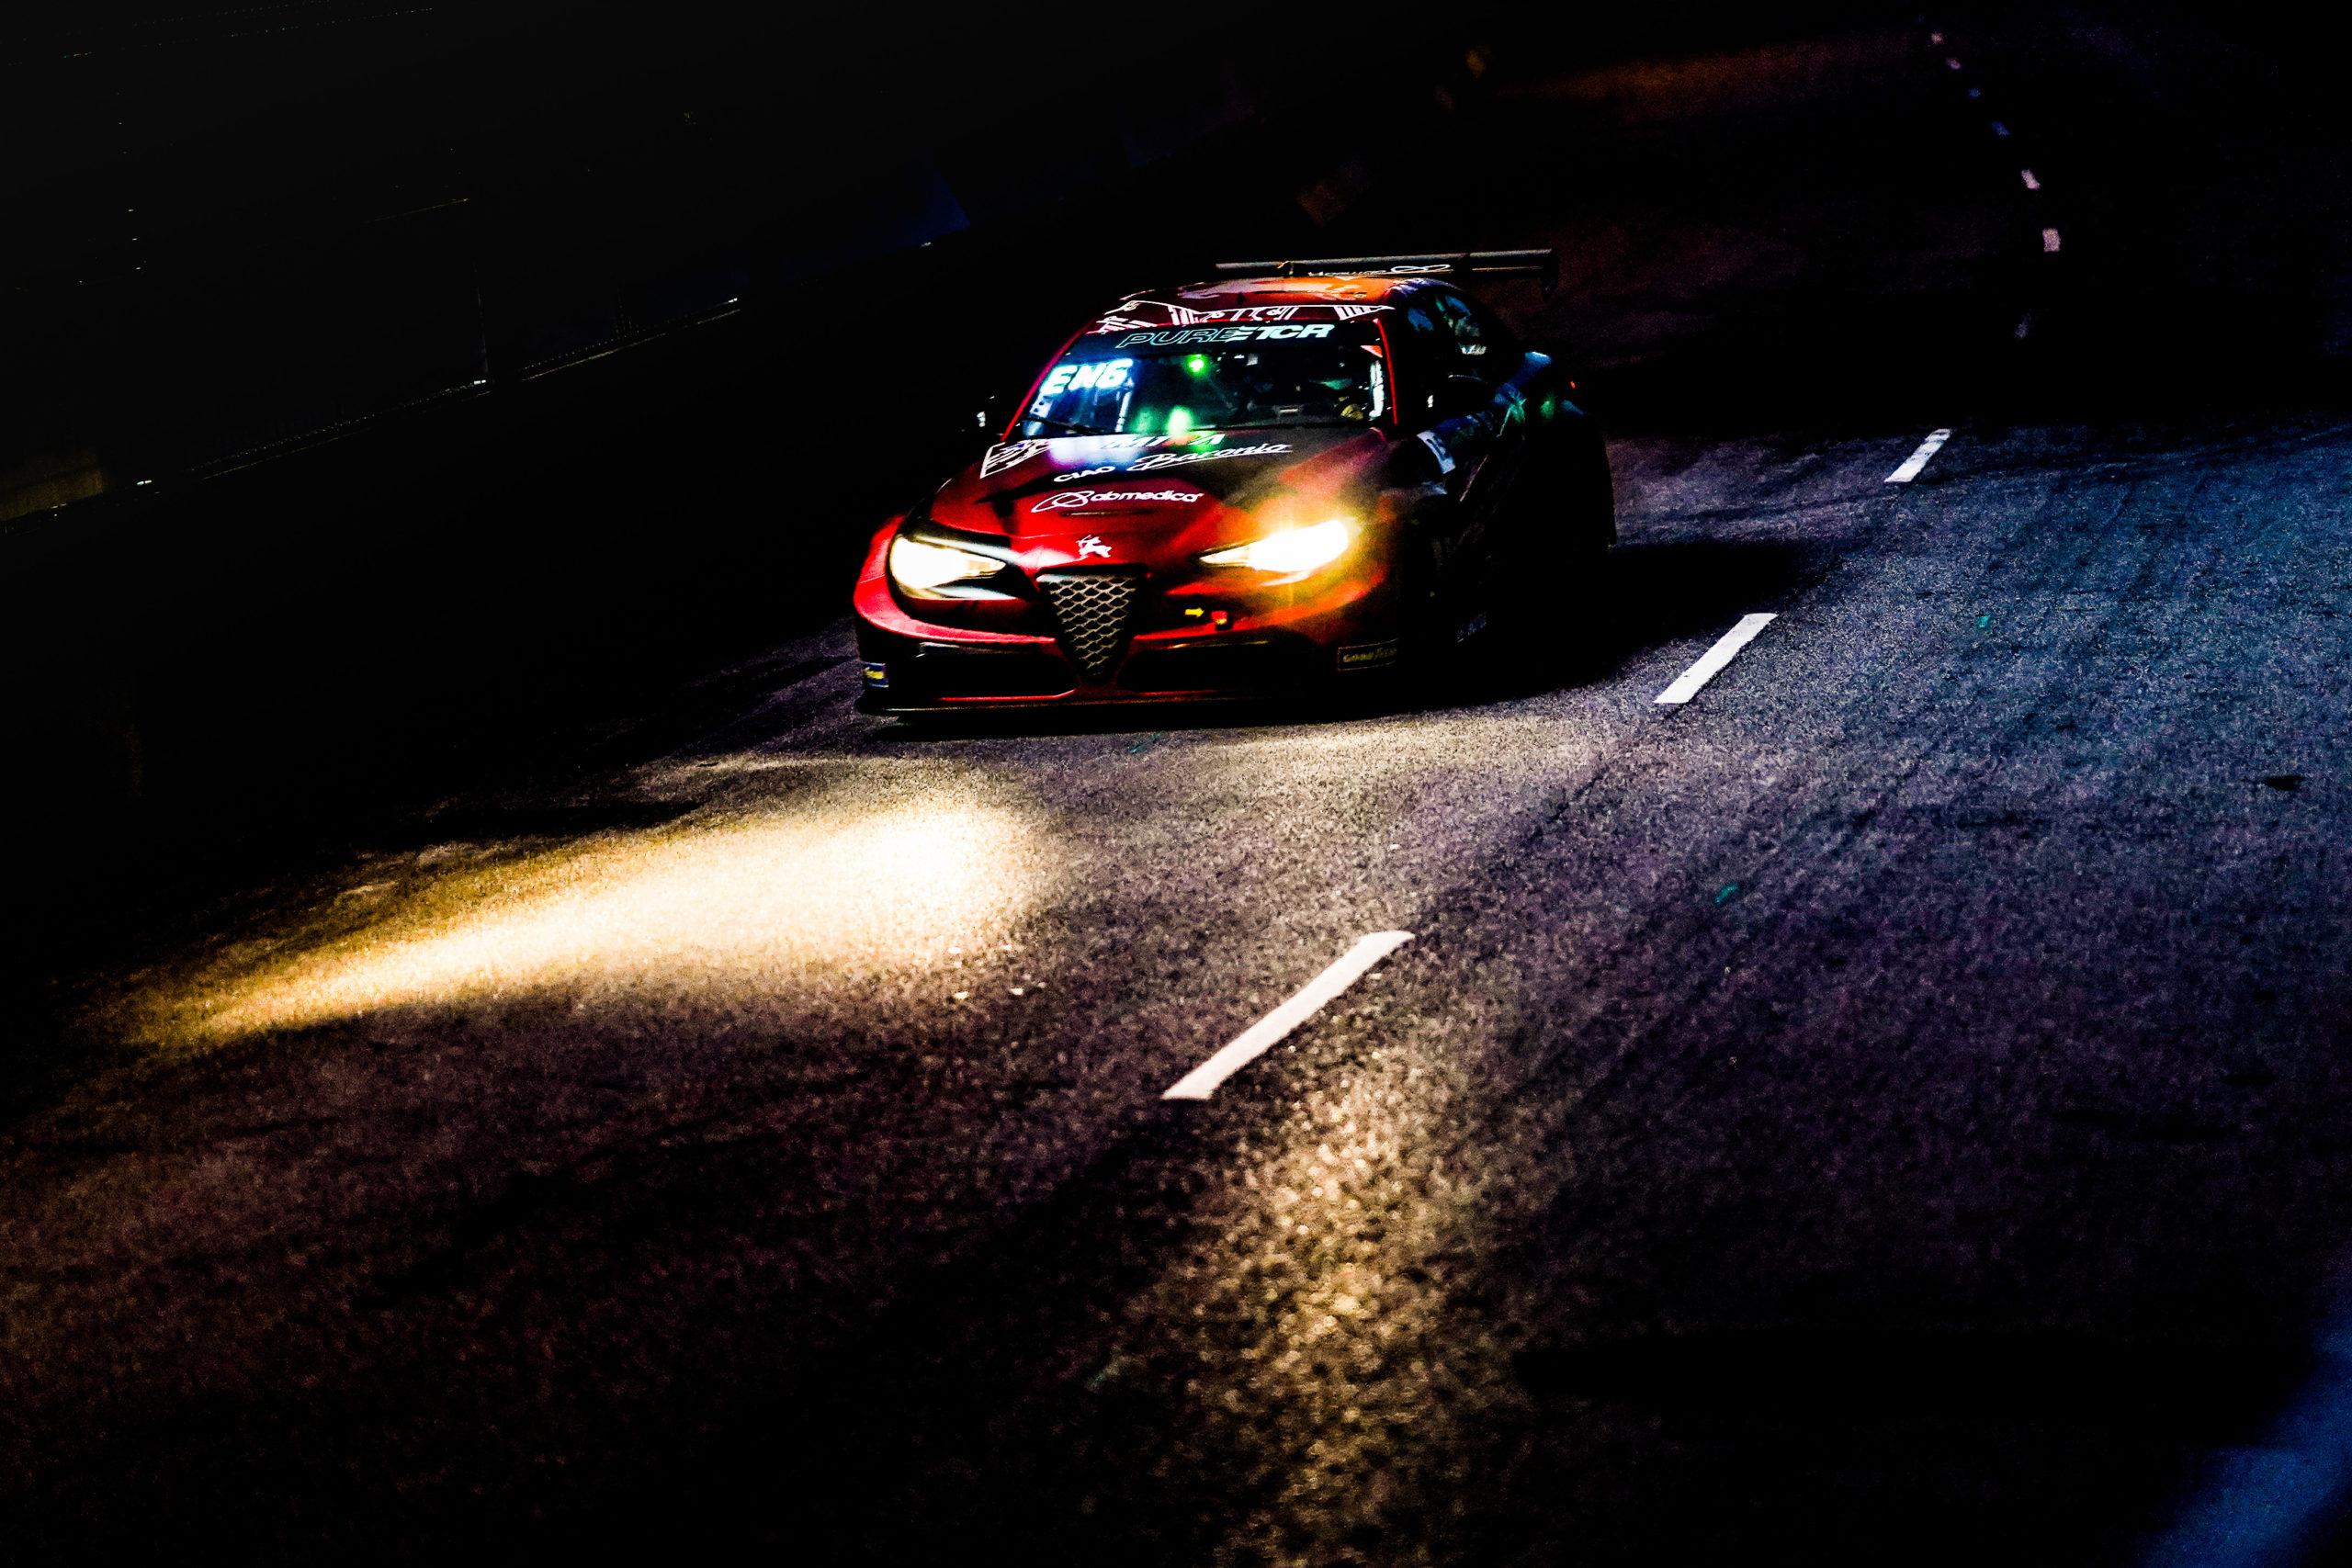 Philipp Eng - Romeo Ferraris - PURE ETCR at Copenhagen 2021